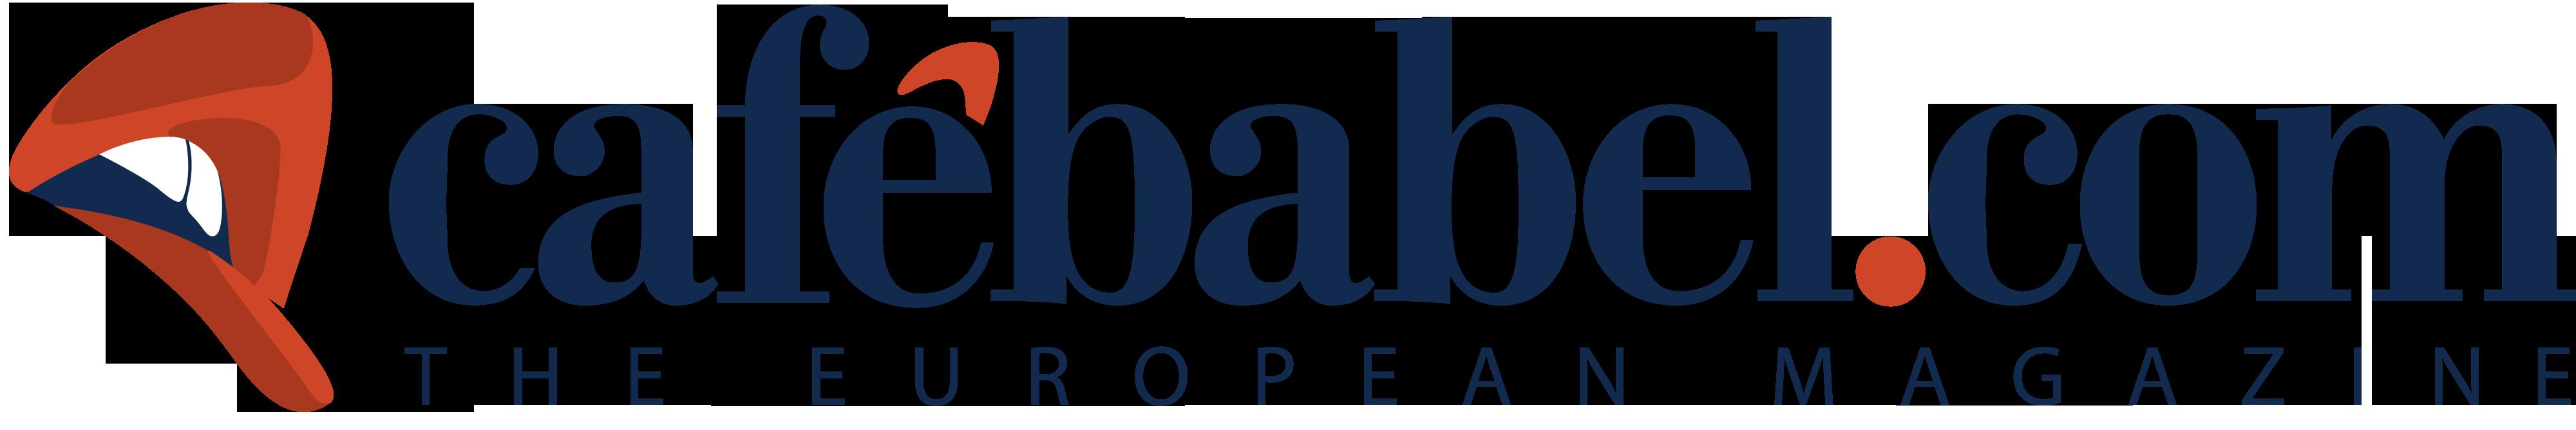 logo_cafebabel.png